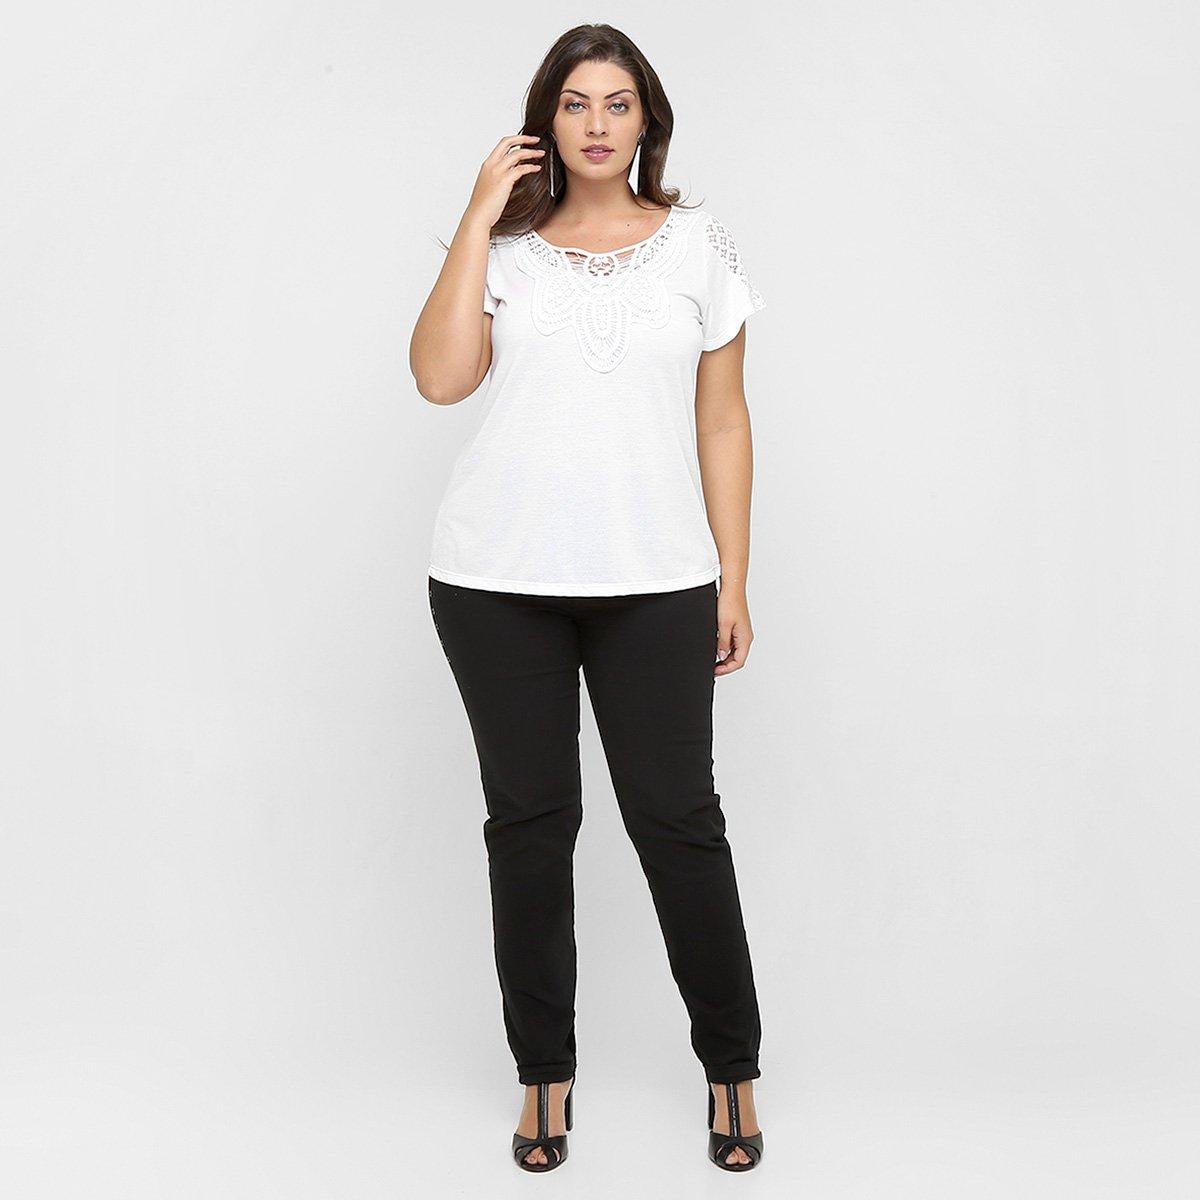 cd467e5736 Blusa Lisamour Guipir Plus Size - Compre Agora